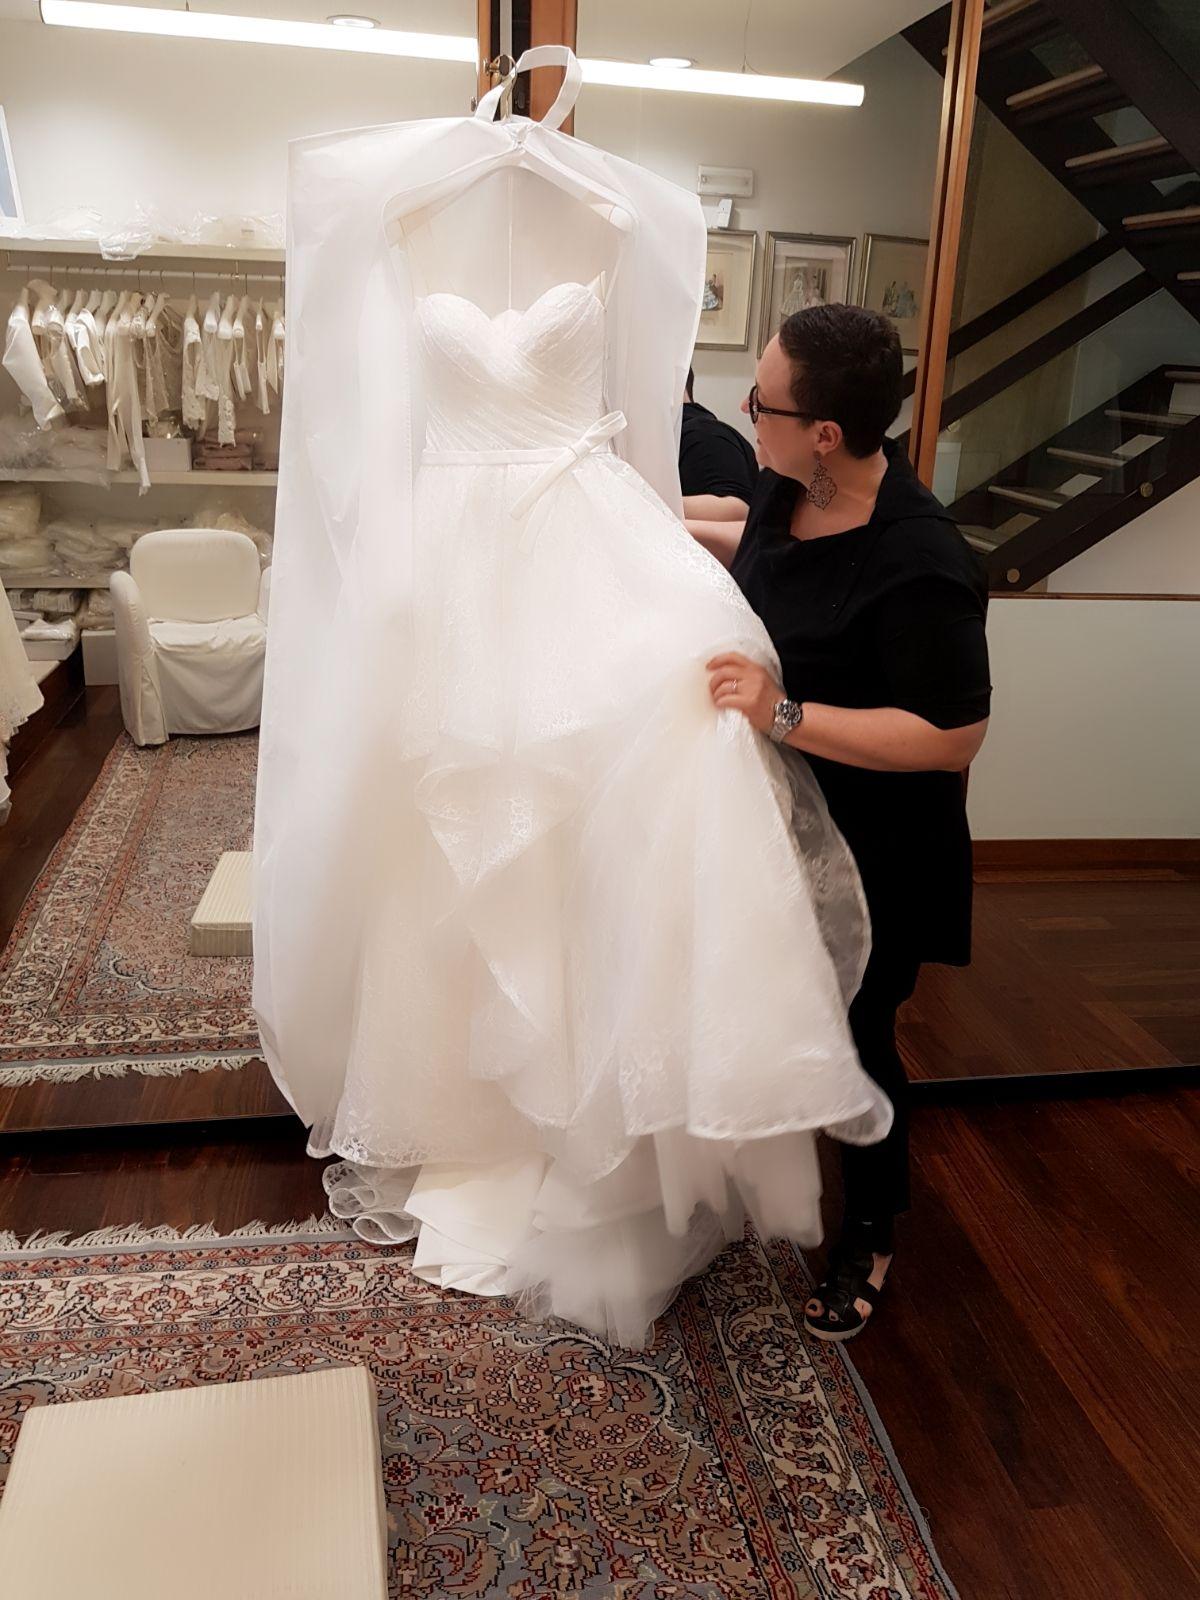 a5fb95772cba WhatsApp Image 2018-05-11 at 12.28.24 (1) - Abiti da sposa Mirano ...